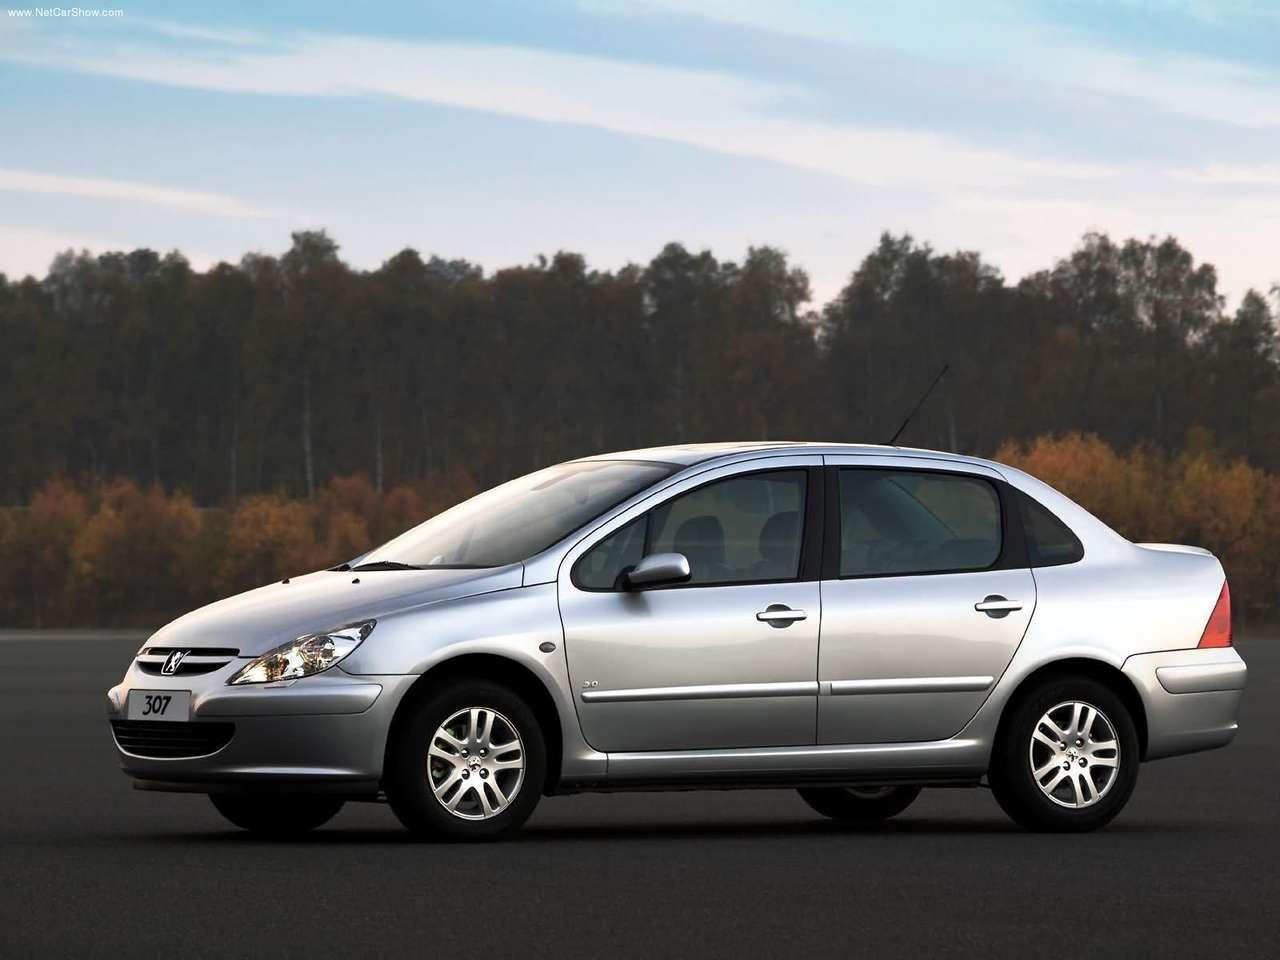 http://1.bp.blogspot.com/_xhqjRo6NERQ/S8MkeQby60I/AAAAAAAAH9o/0Zxh4TB8N14/s1600/Peugeot-307_Sedan_2.0_2004_1280x960_wallpaper_07.jpg